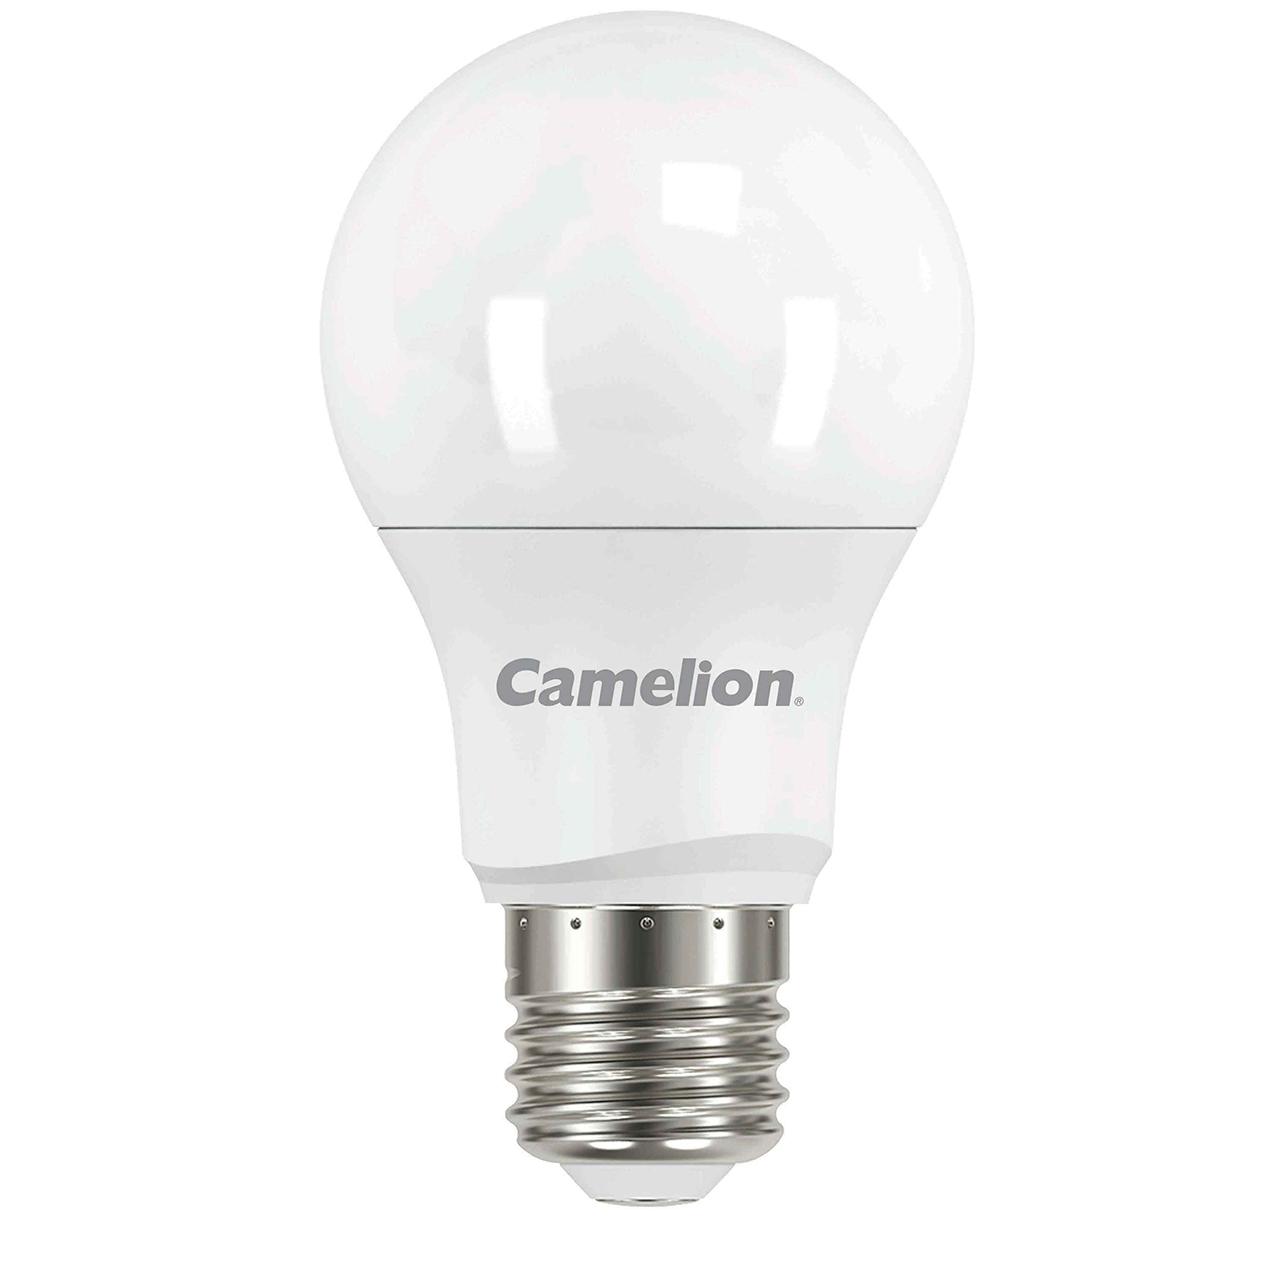 لامپ ال ای دی 13 وات کملیون مدل LED13-A60/227/E27-dim